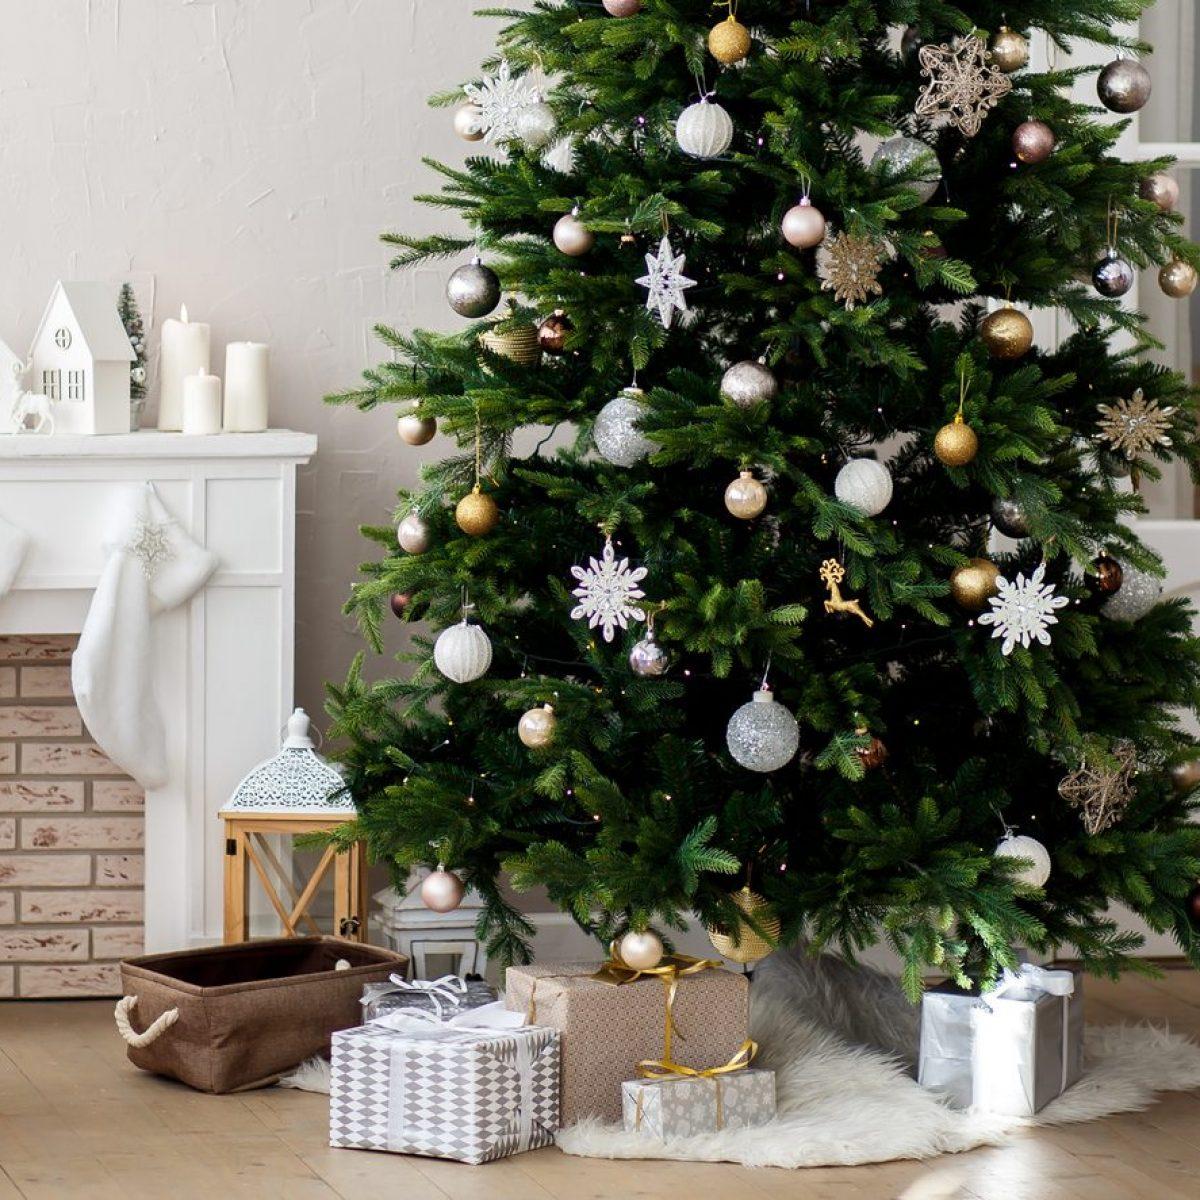 Albero Natale Decorato Rosso albero di natale 2019: tendenze, colori e addobbi